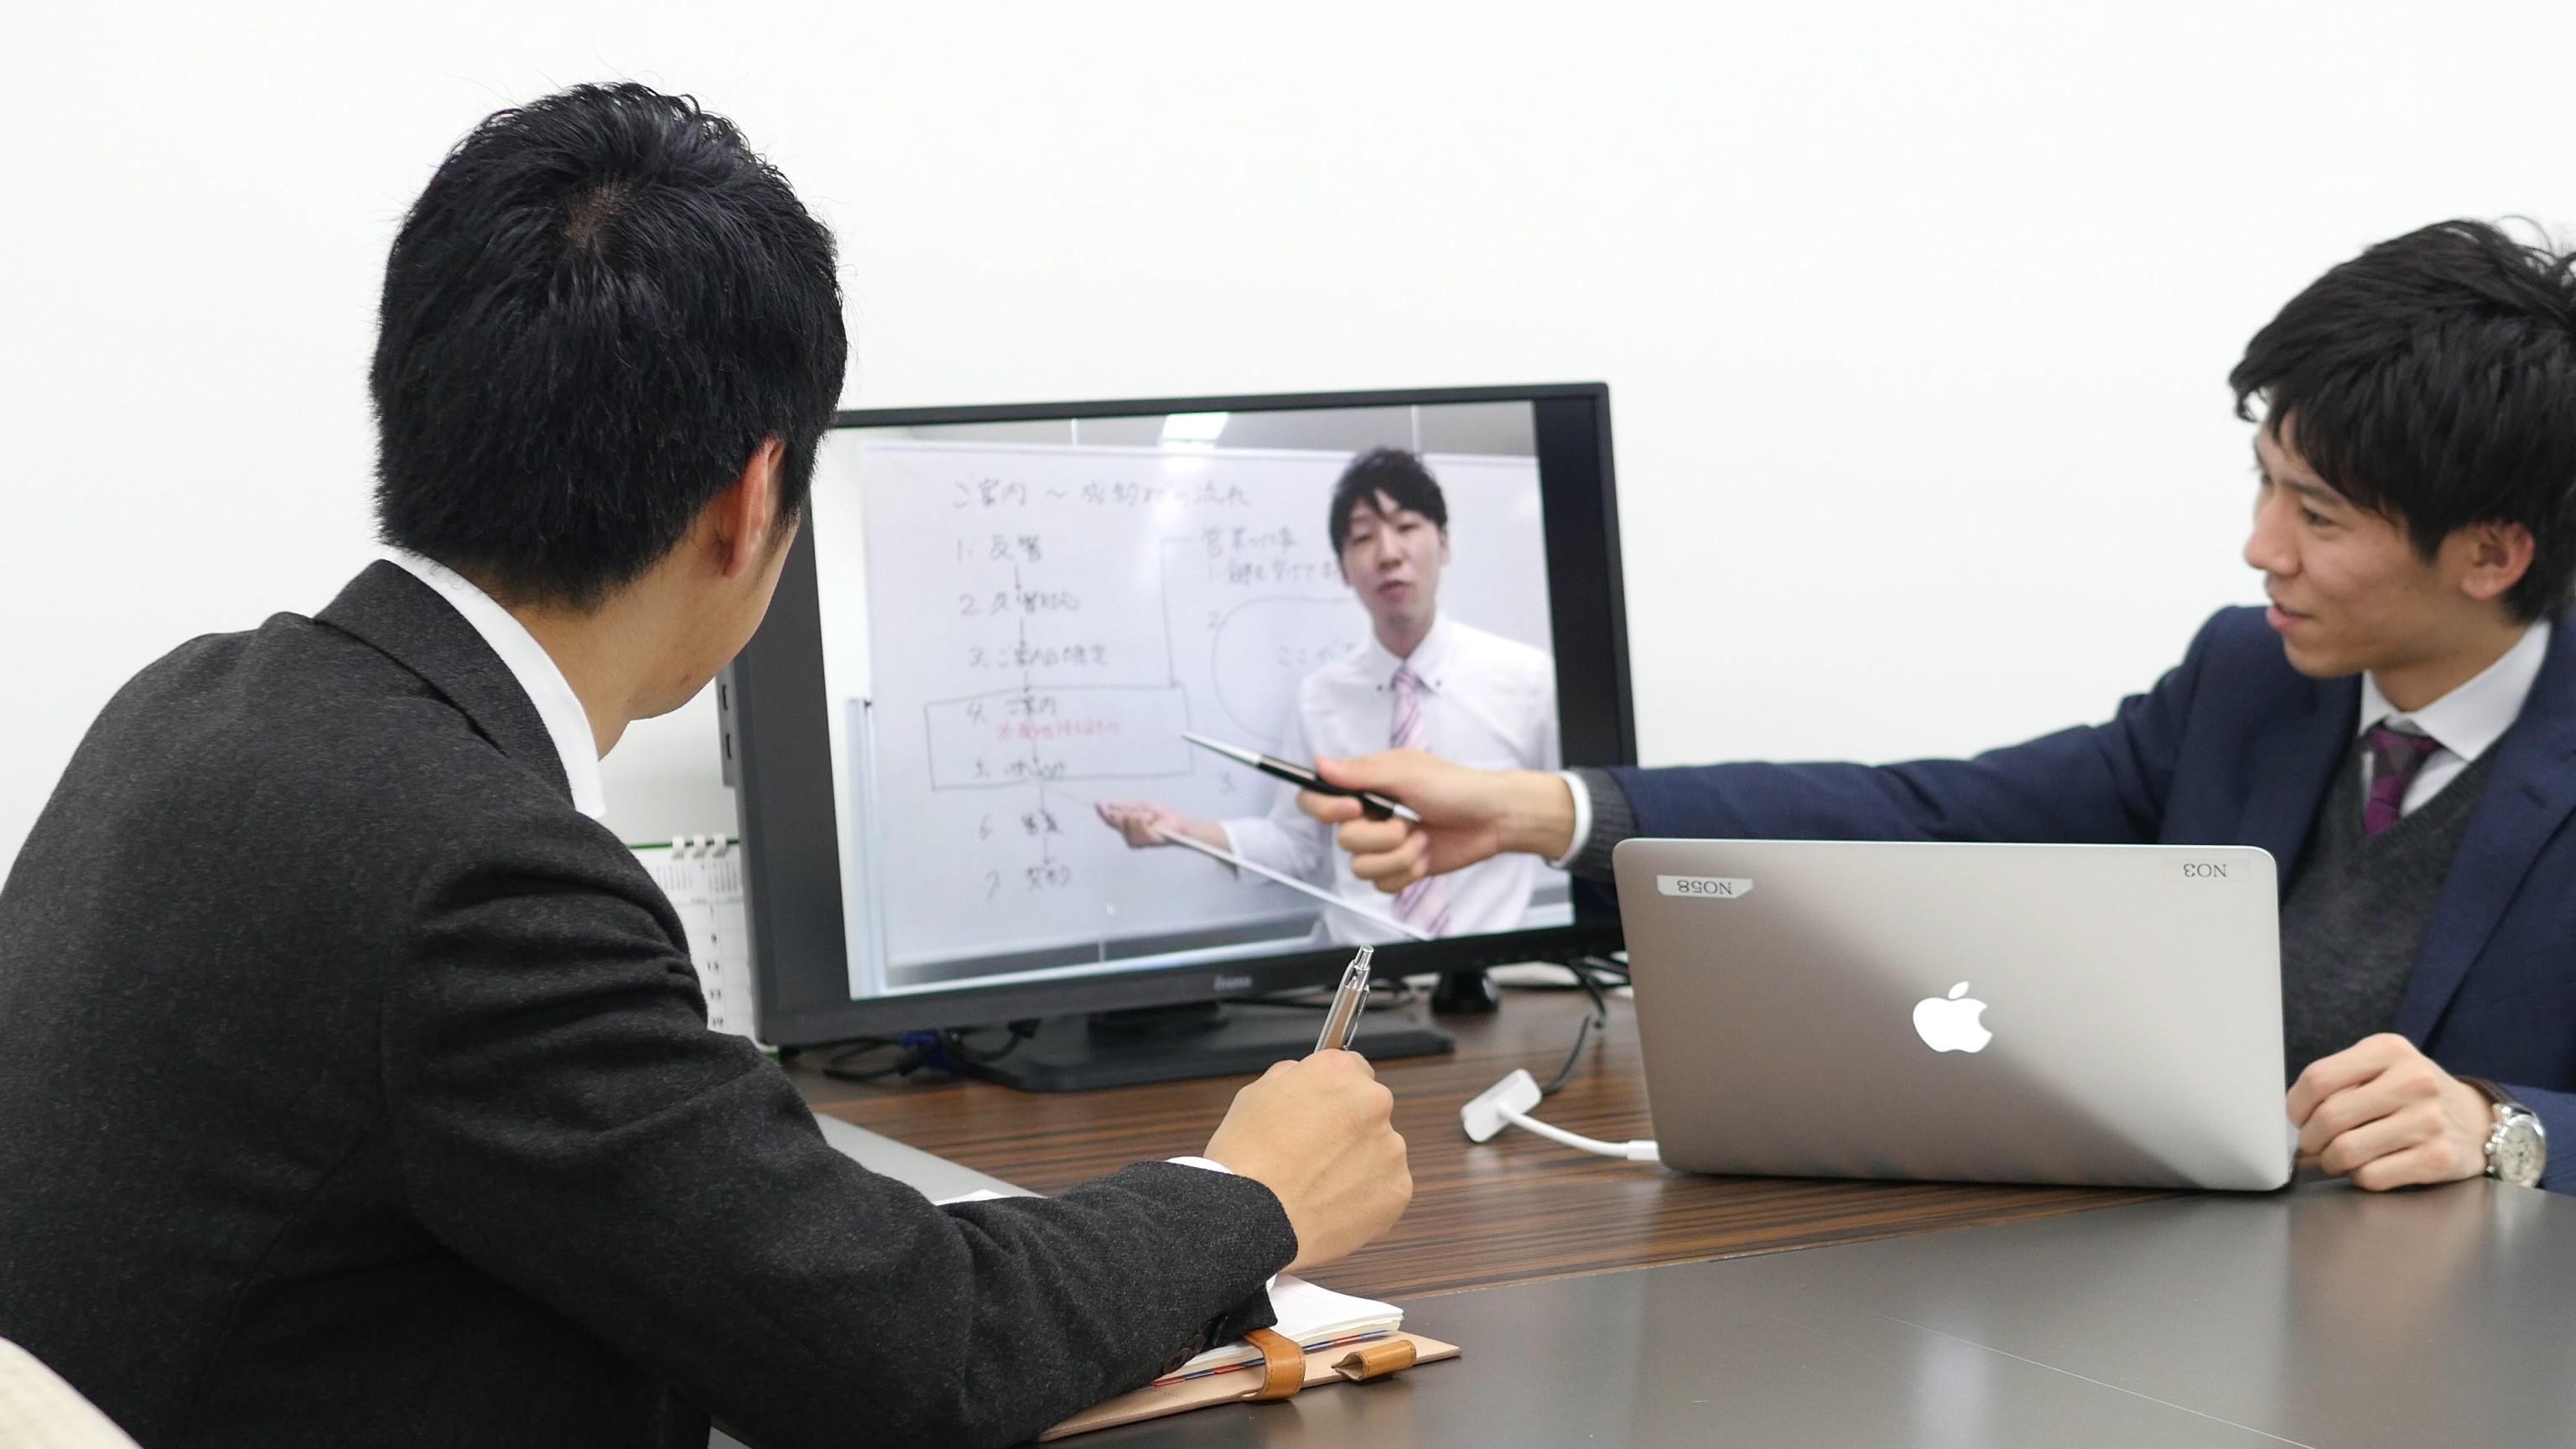 講義形式の研修動画を、いつでも繰り返し見ることができる。